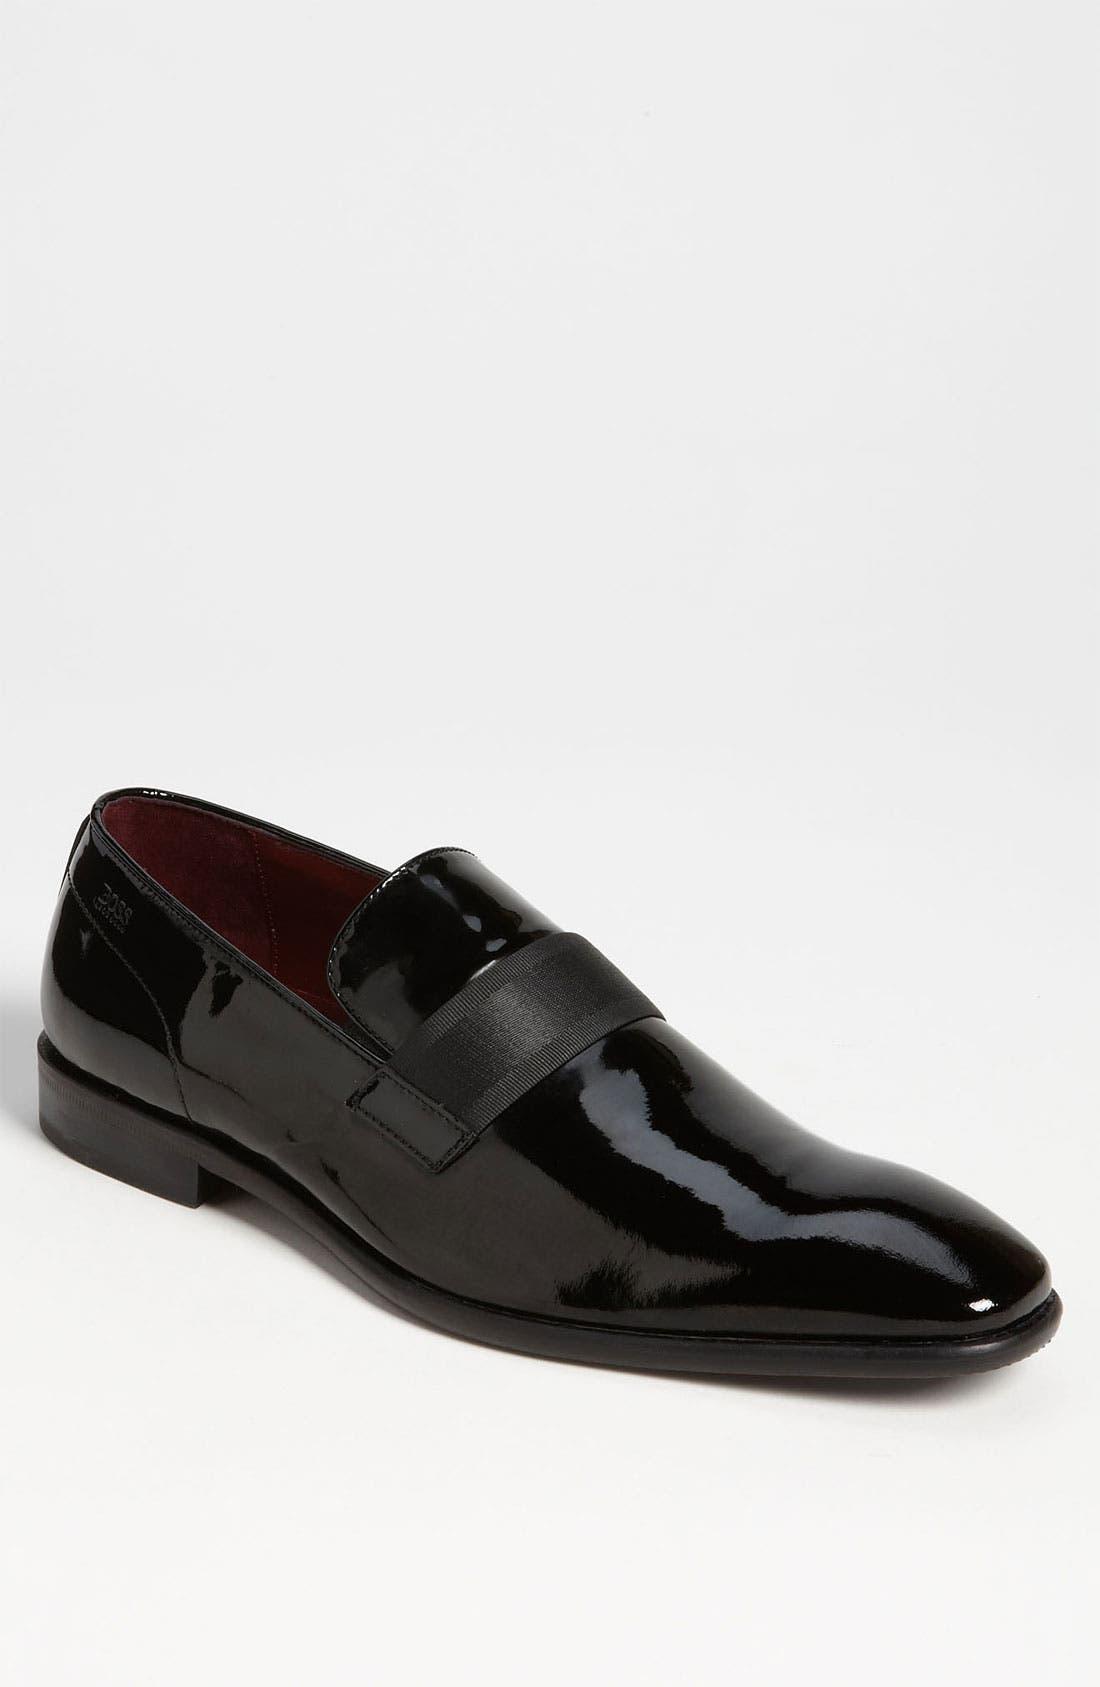 Alternate Image 1 Selected - BOSS 'Mellion' Patent Loafer (Men)